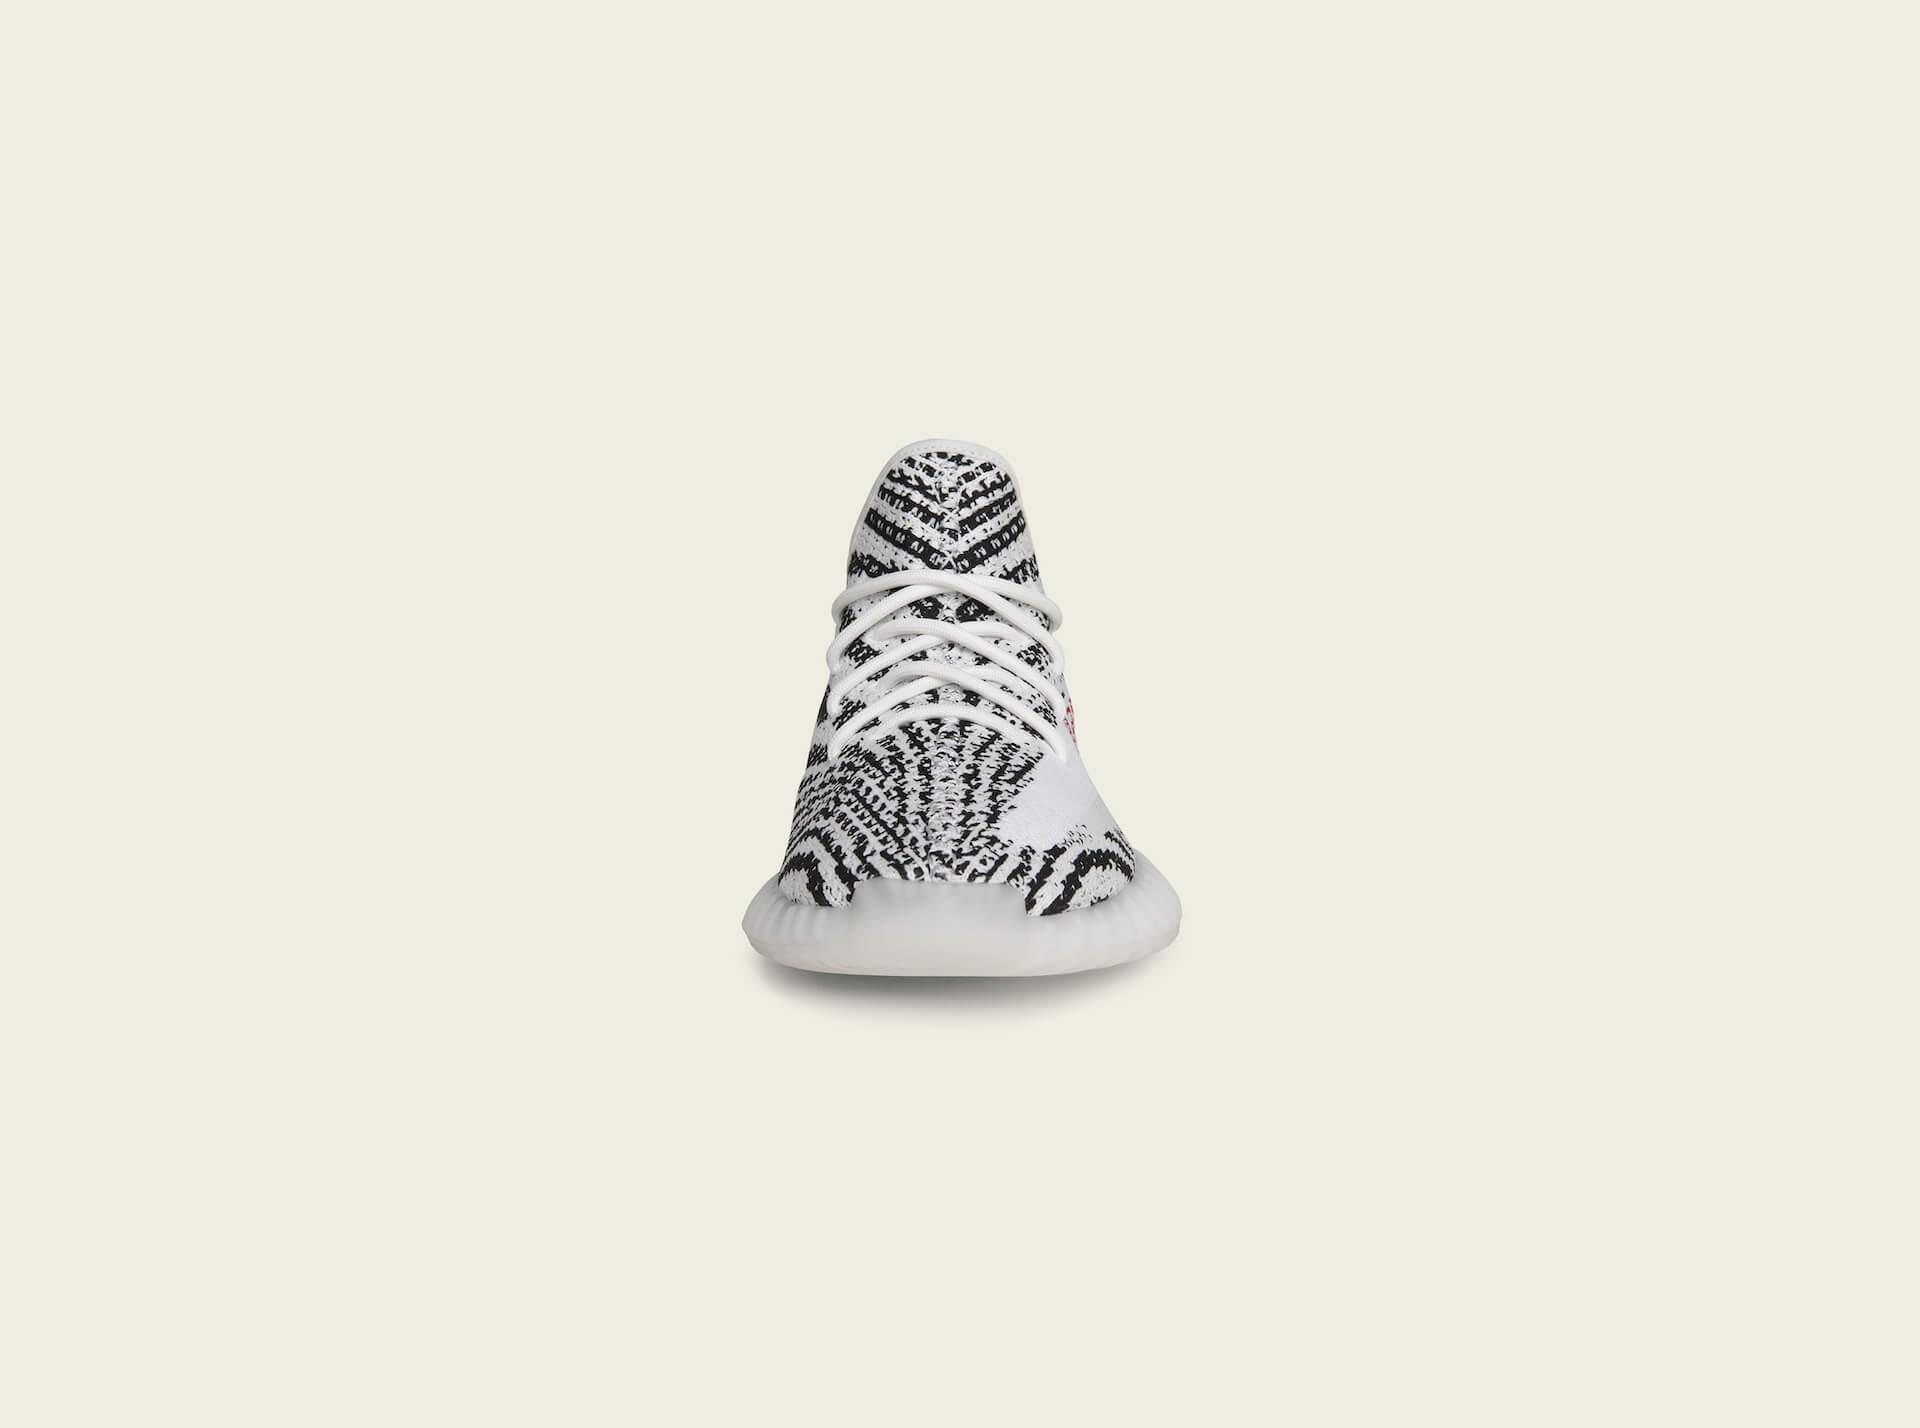 「adidas + KANYE WEST」の超人気モデル『YEEZY BOOST 350 V2』が来週再販売決定! lf200619_adidas_kanye_03